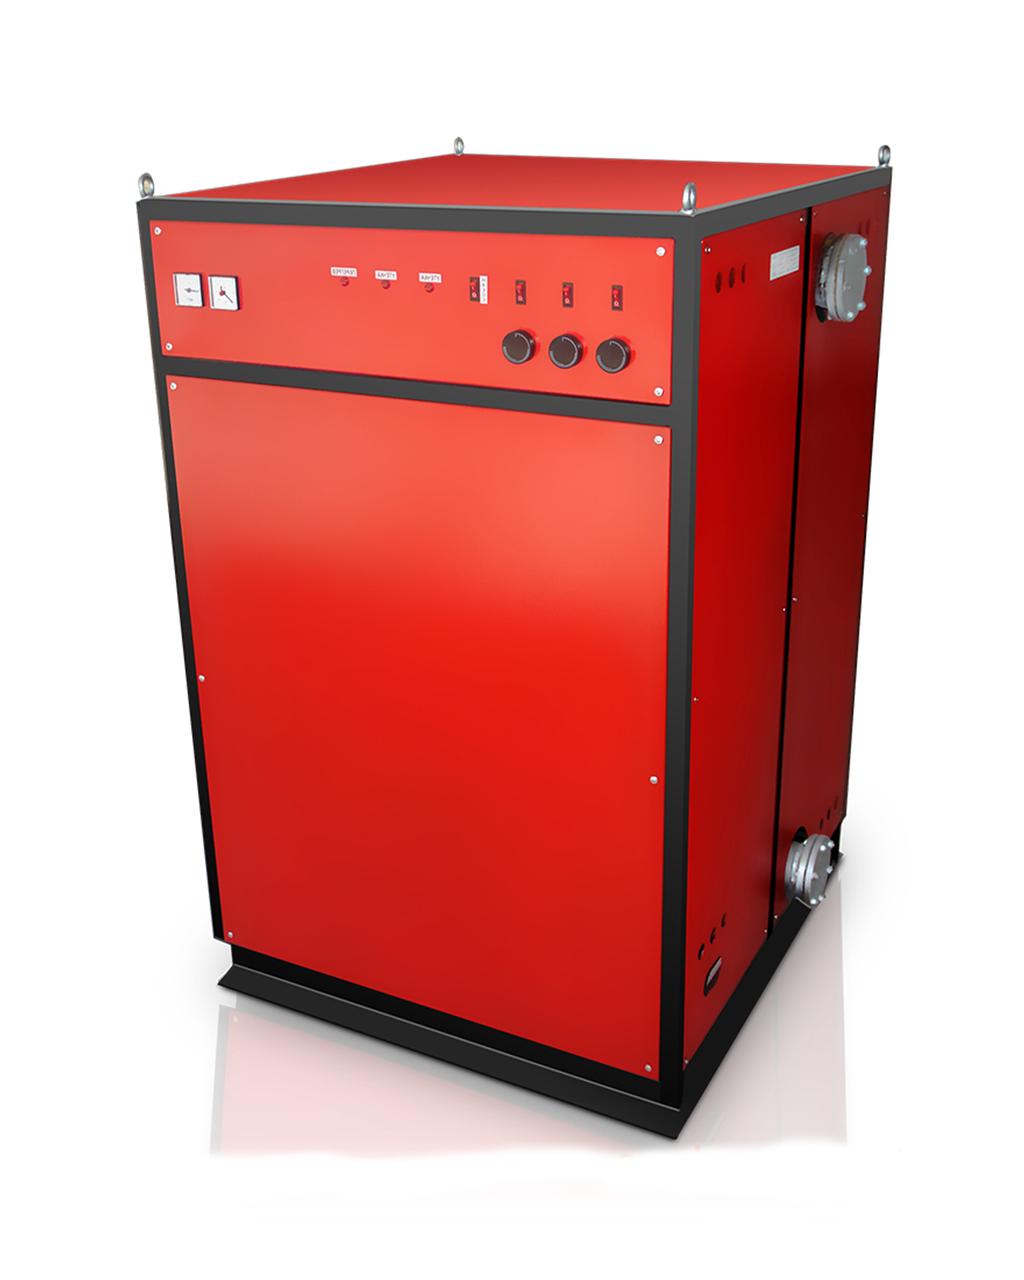 Електричний котел Титан Промисловий Модульний, 45 кВт 380 В